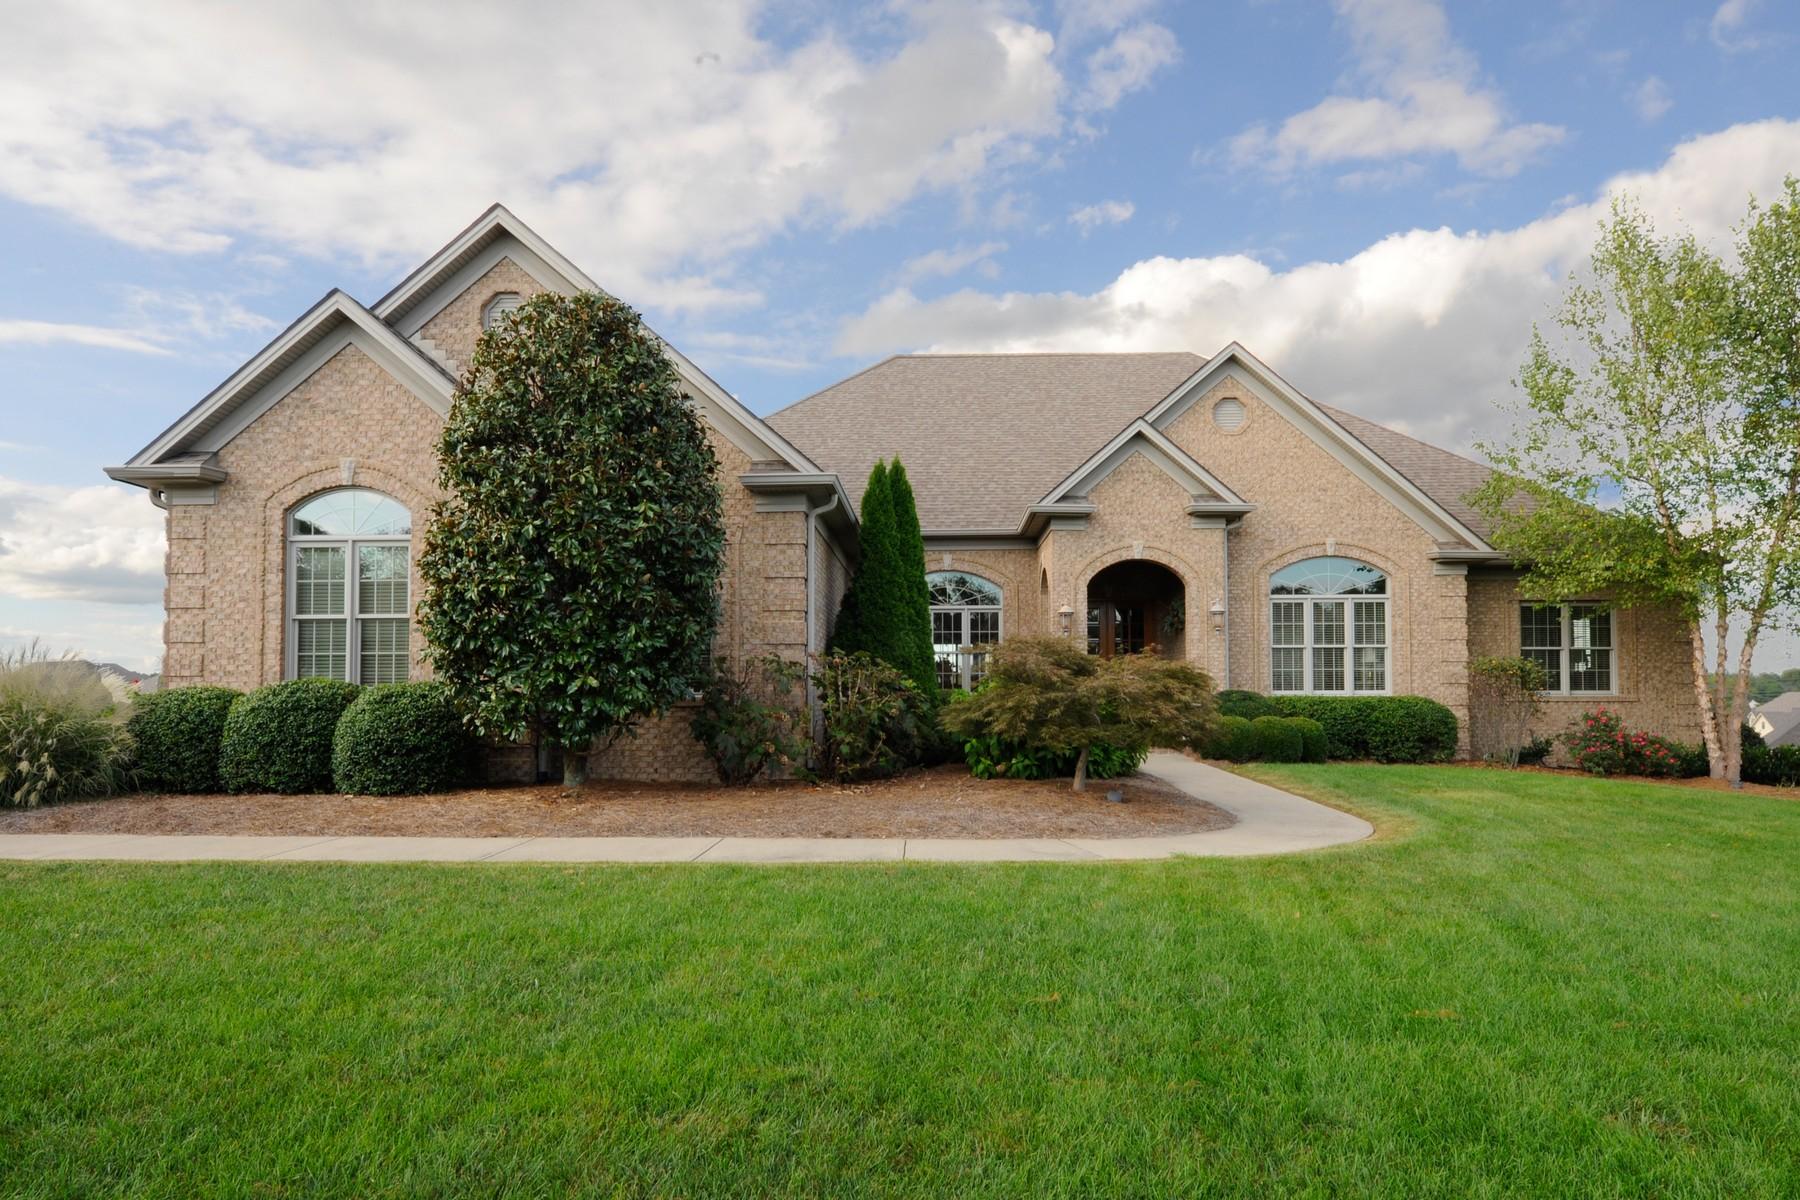 Casa Unifamiliar por un Venta en 106 Yates Court Nicholasville, Kentucky, 40356 Estados Unidos